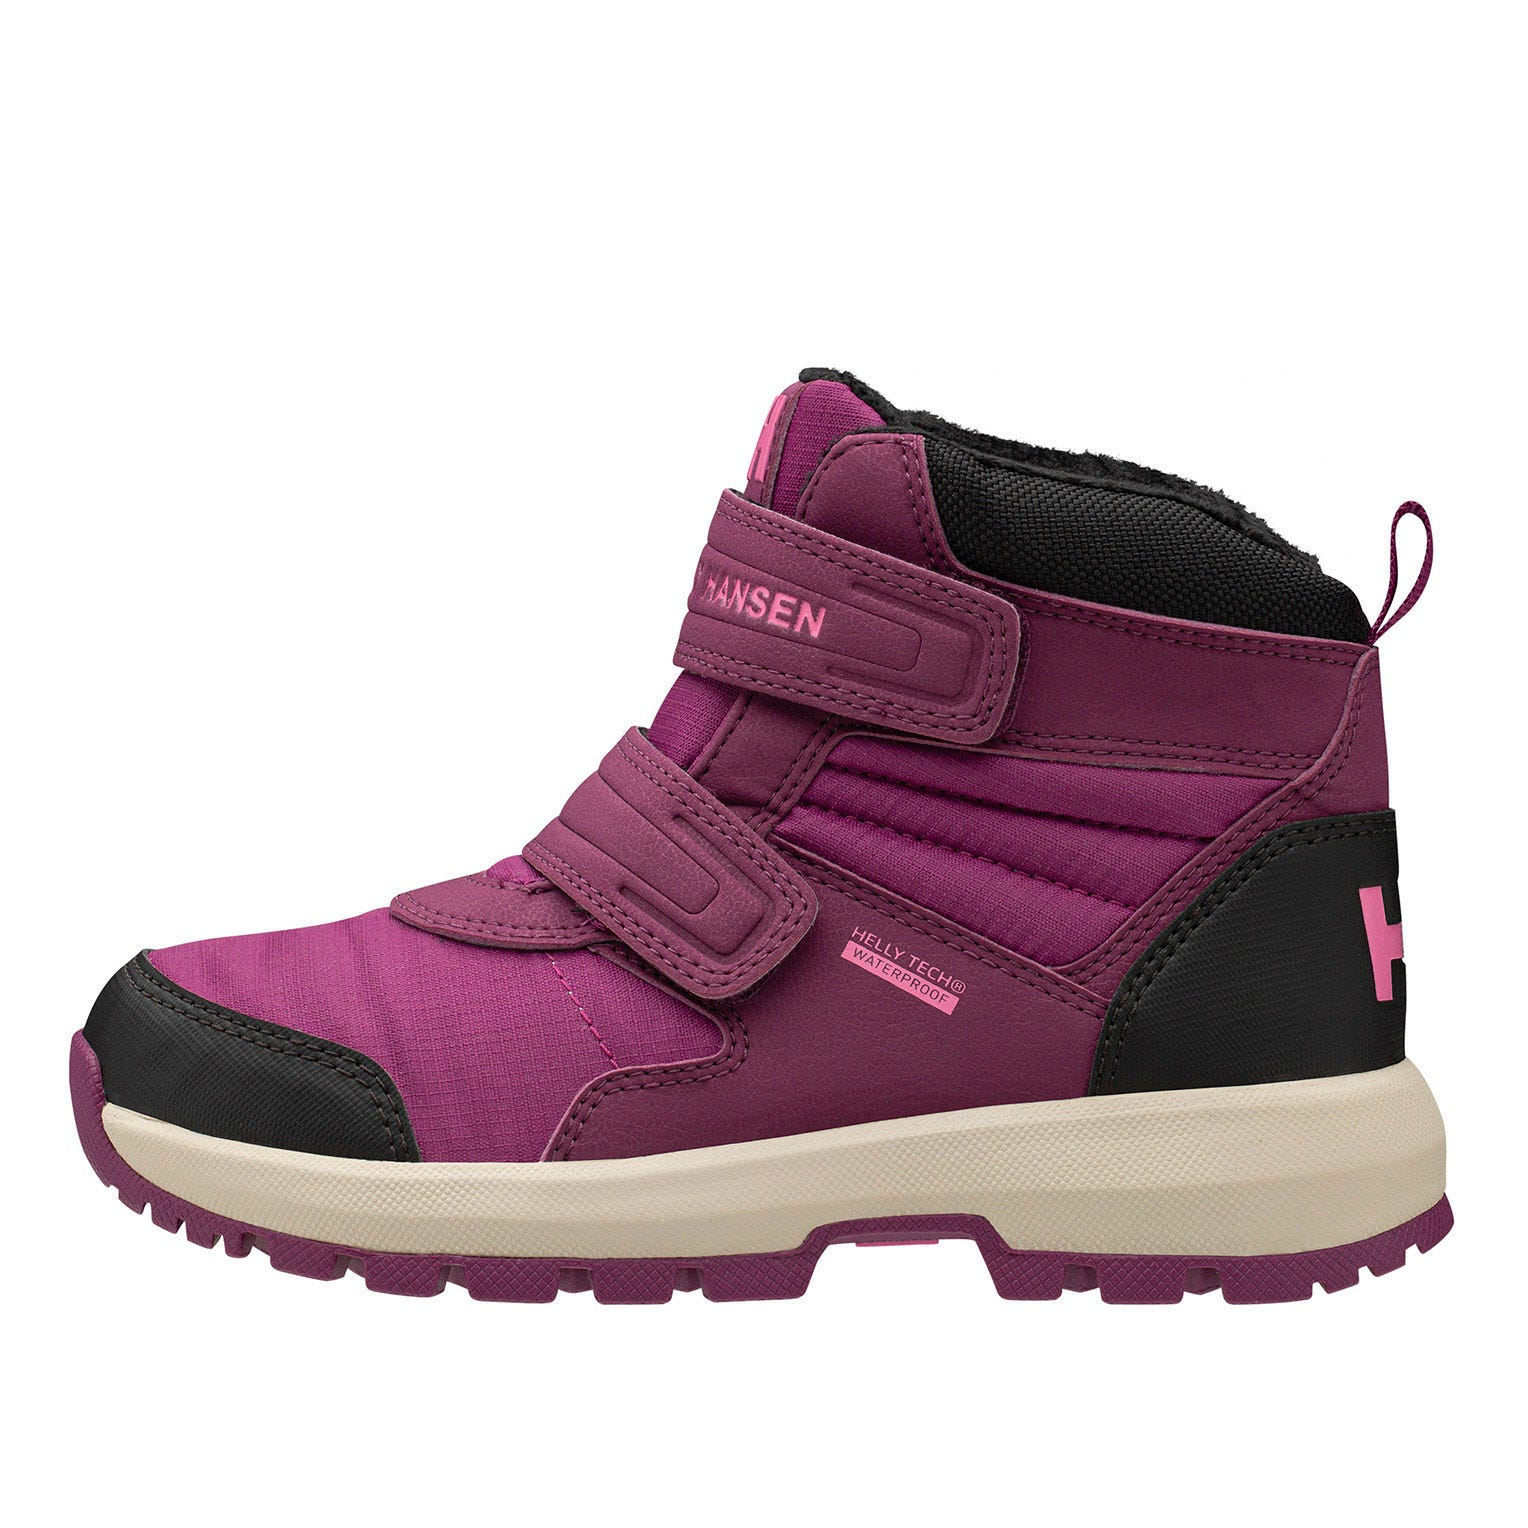 Helly Hansen Kids Bowstring Tech Waterproof Boots US 7/EU 24